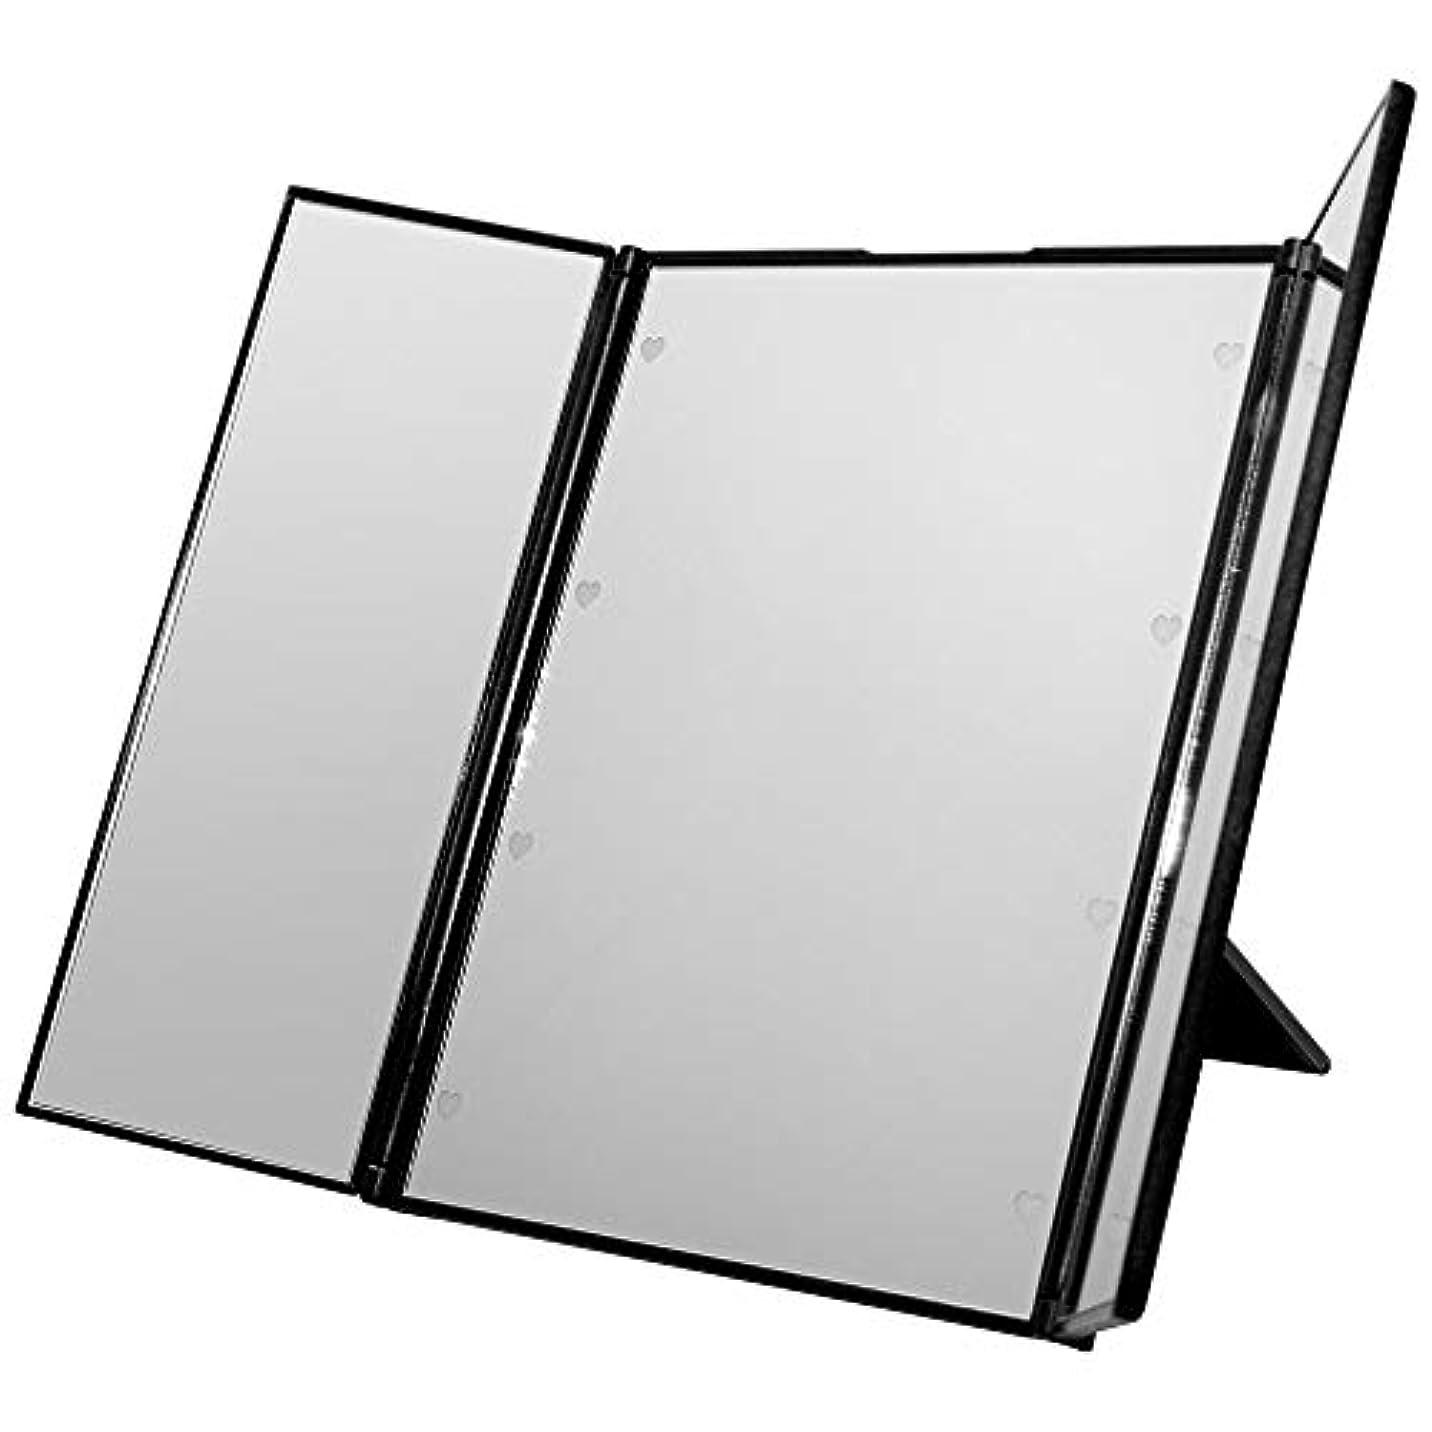 敵対的役割くしゃみ?化粧鏡 卓上ミラー三面鏡 スタンドミラー LED付き 折りたたみ式 角度調整可能 折りたたみ式 三面鏡 ハート 三面鏡 大型 大きい かわいい スタンド ミラー